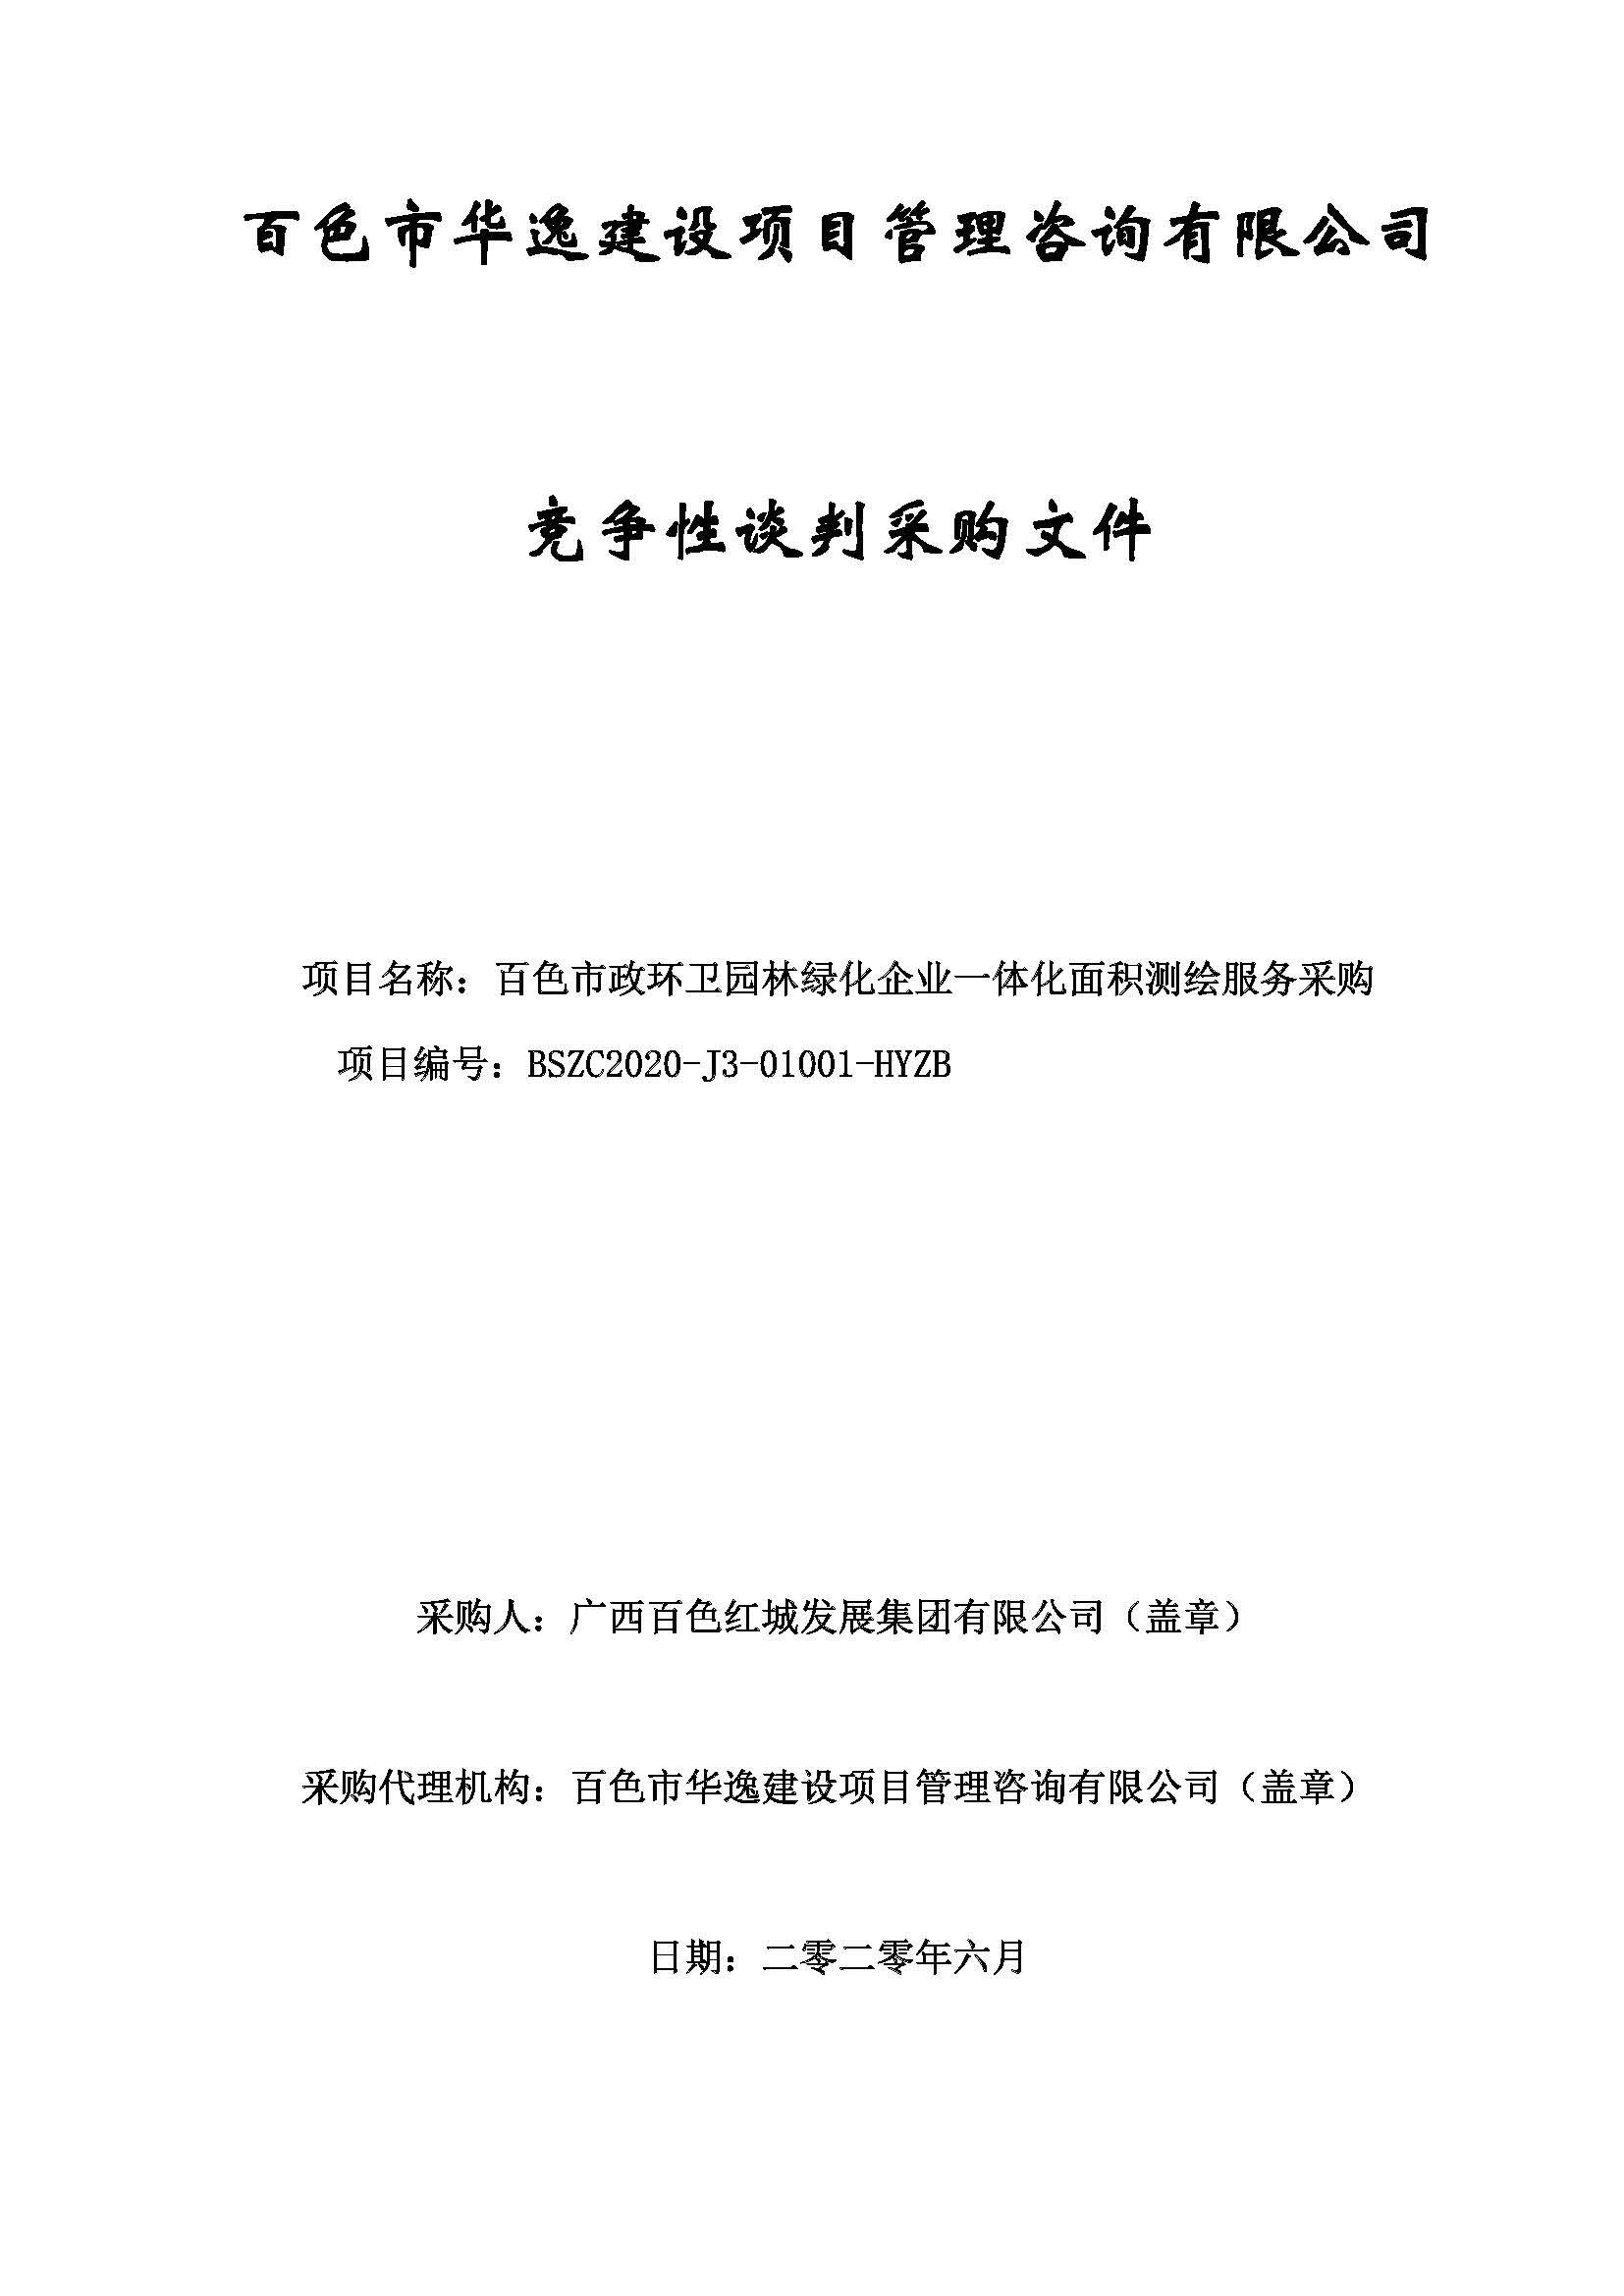 (确定)安徽快三基本走势图市政环卫园林绿化企业一体化面积测绘服务采购 竞争性谈判采购文件20200610(2)_页面_02.jpg